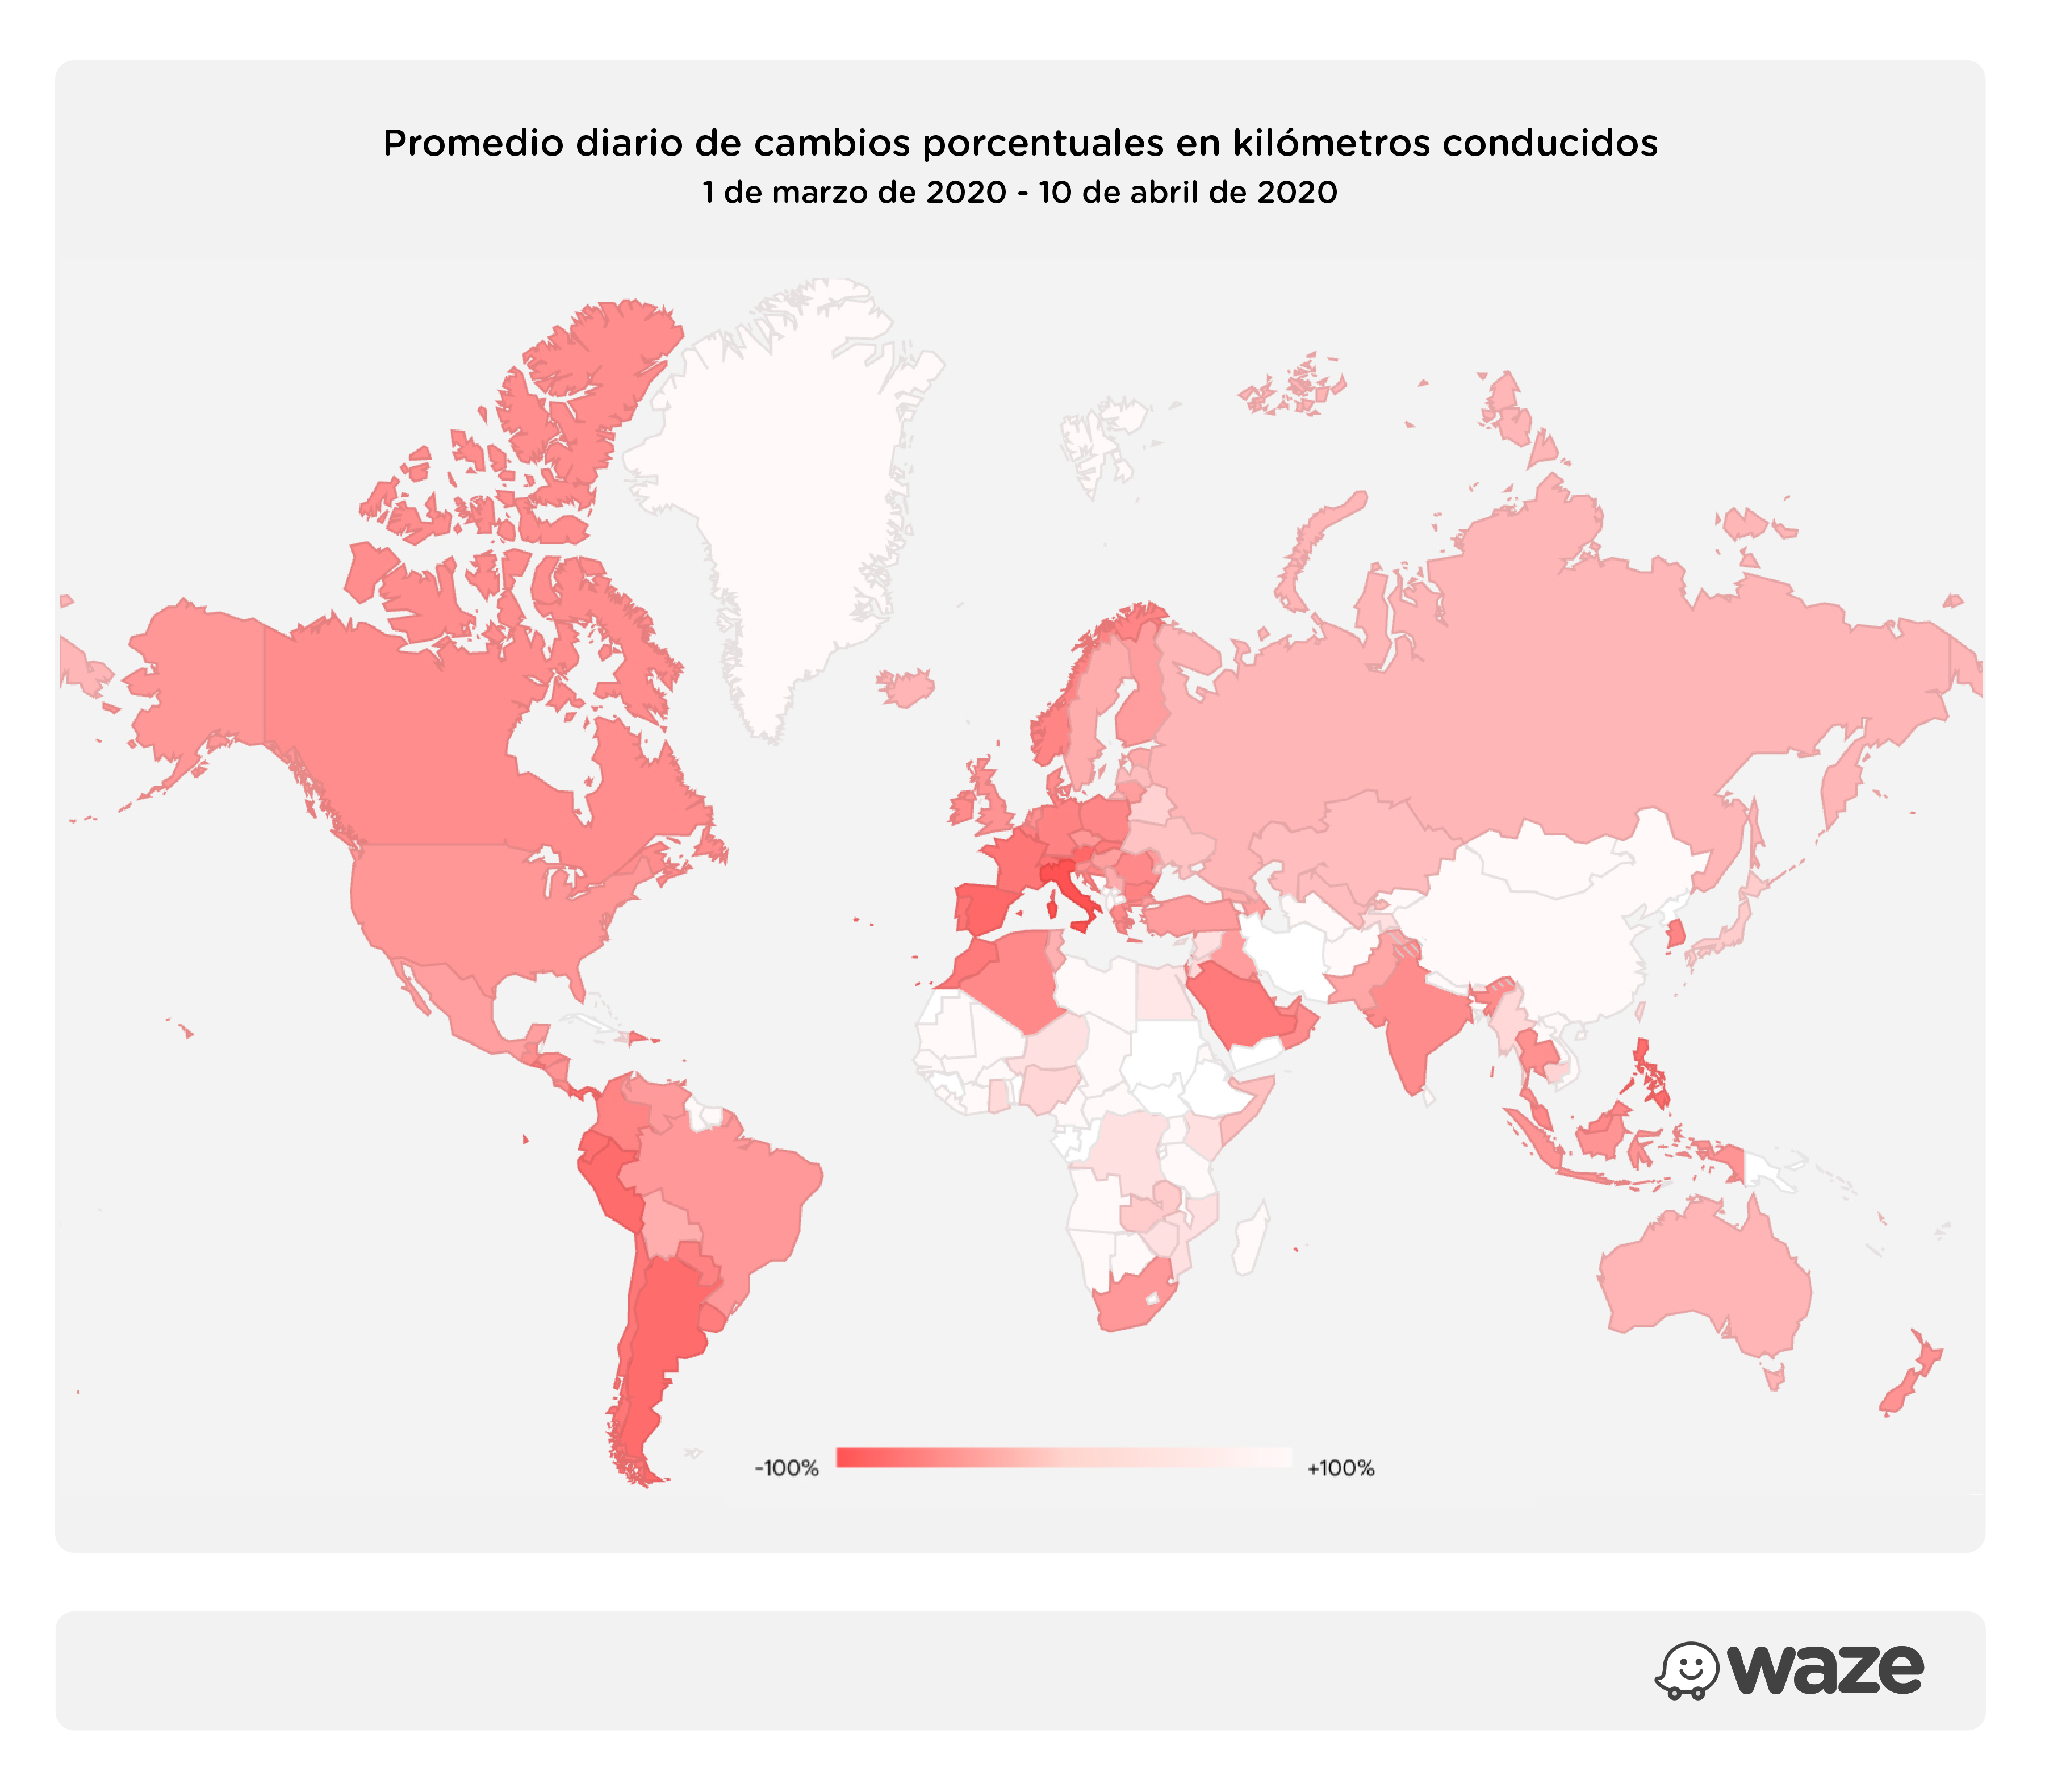 Promedio diario de cambios porcentuales en kilómetros conducidos entre marzo y abril de 2020, según Waze app.